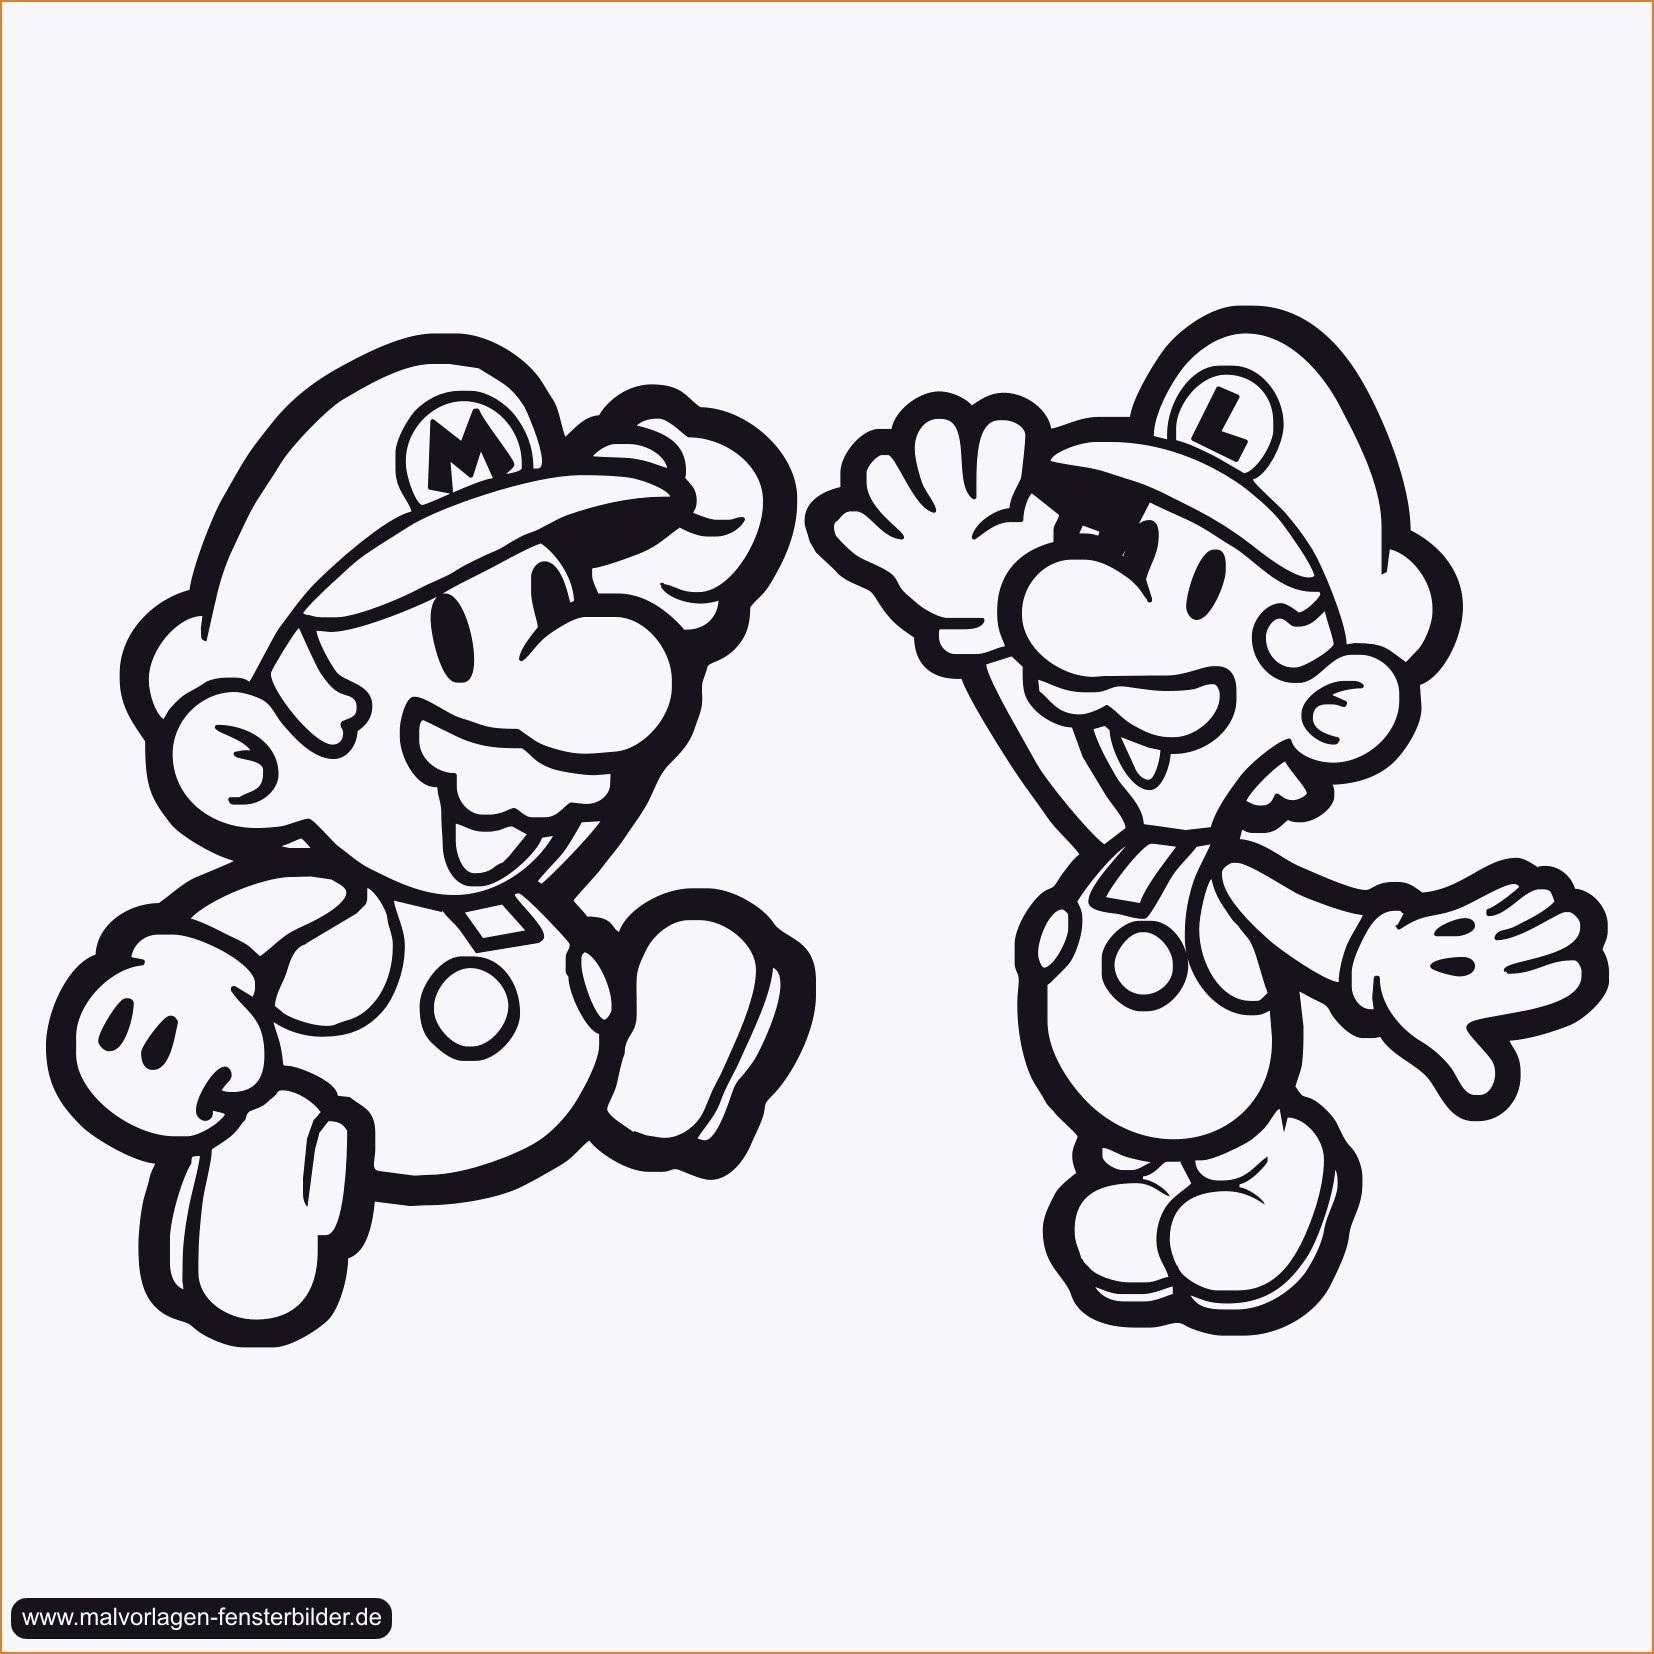 Mario Kart Ausmalbild Inspirierend Ausmalbilder Mario Kart 8 Uploadertalk Einzigartig Ausmalbilder Sammlung